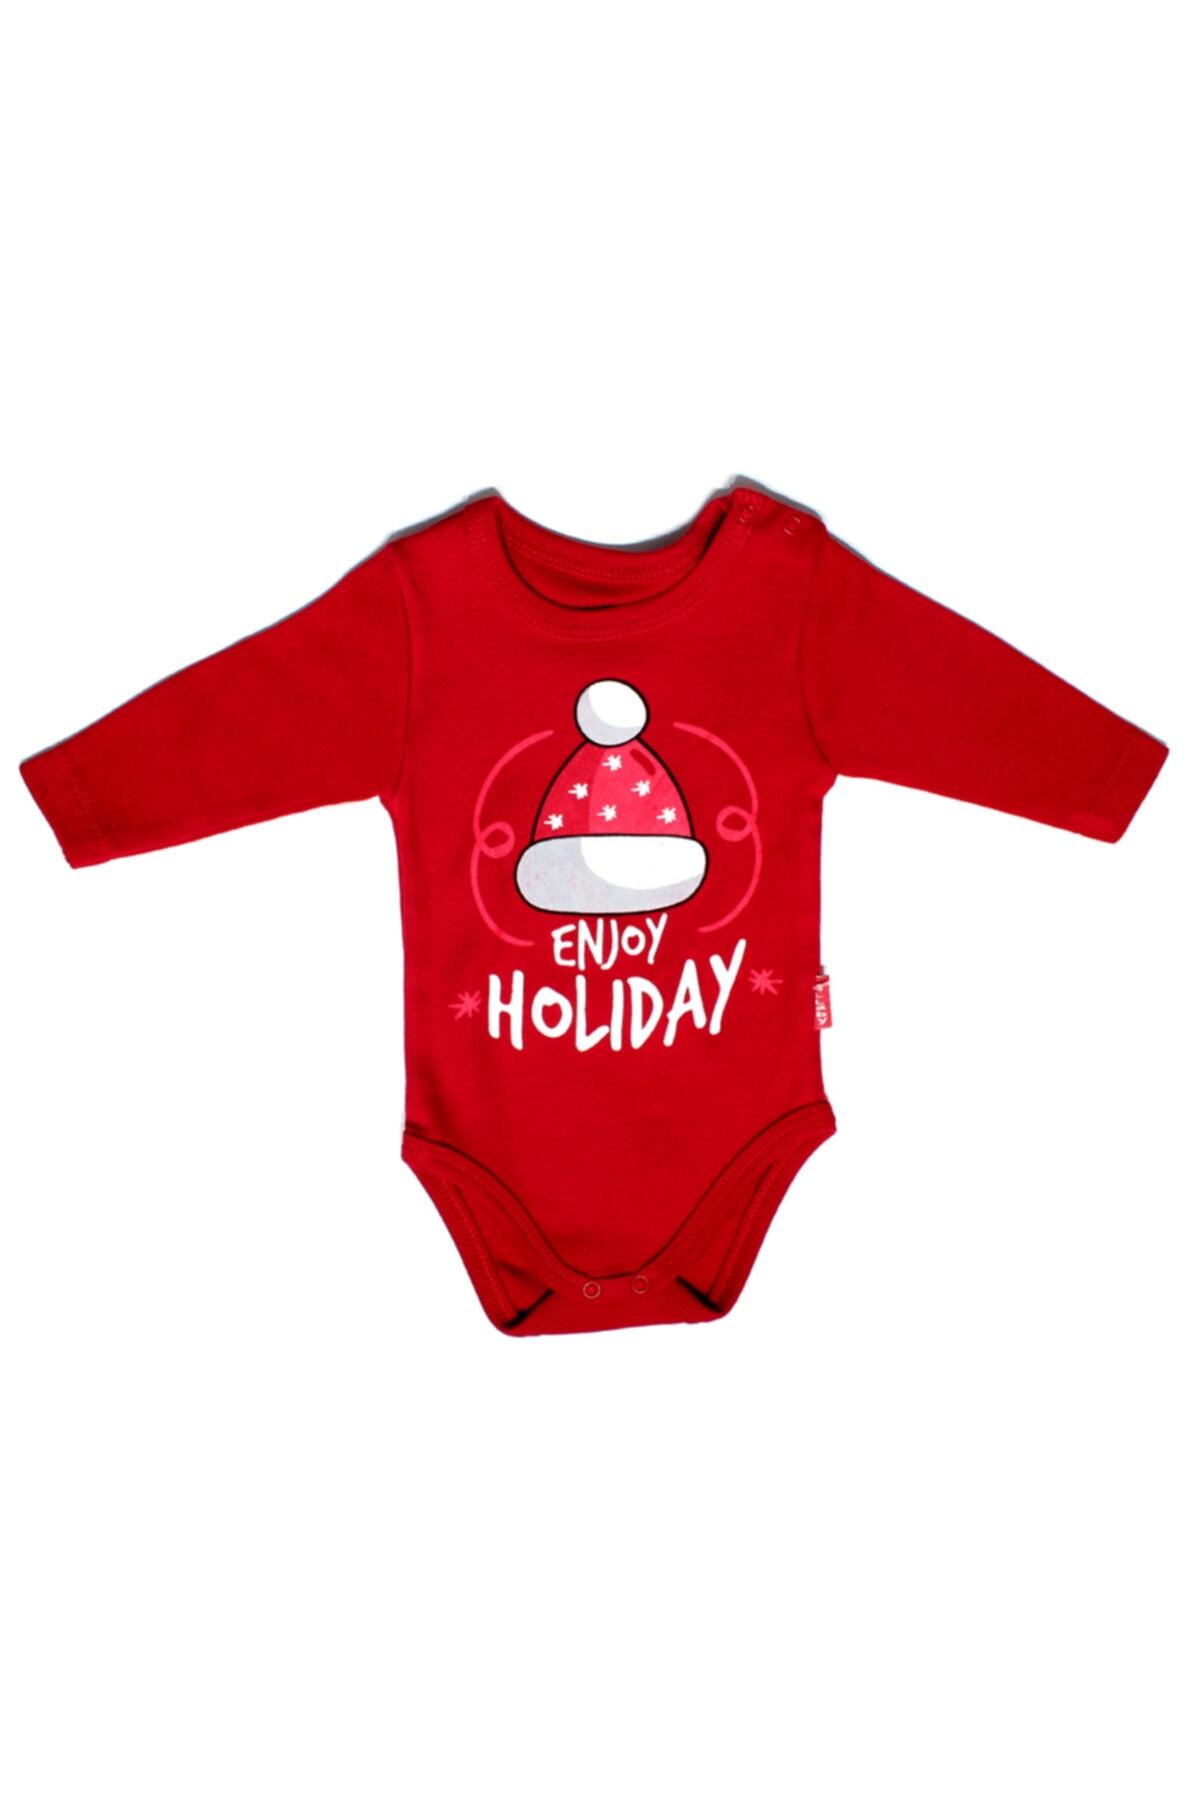 Lullaby Enjoy Holiday & Merry Christmas Uzun Kollu Body - Kırmızı 1